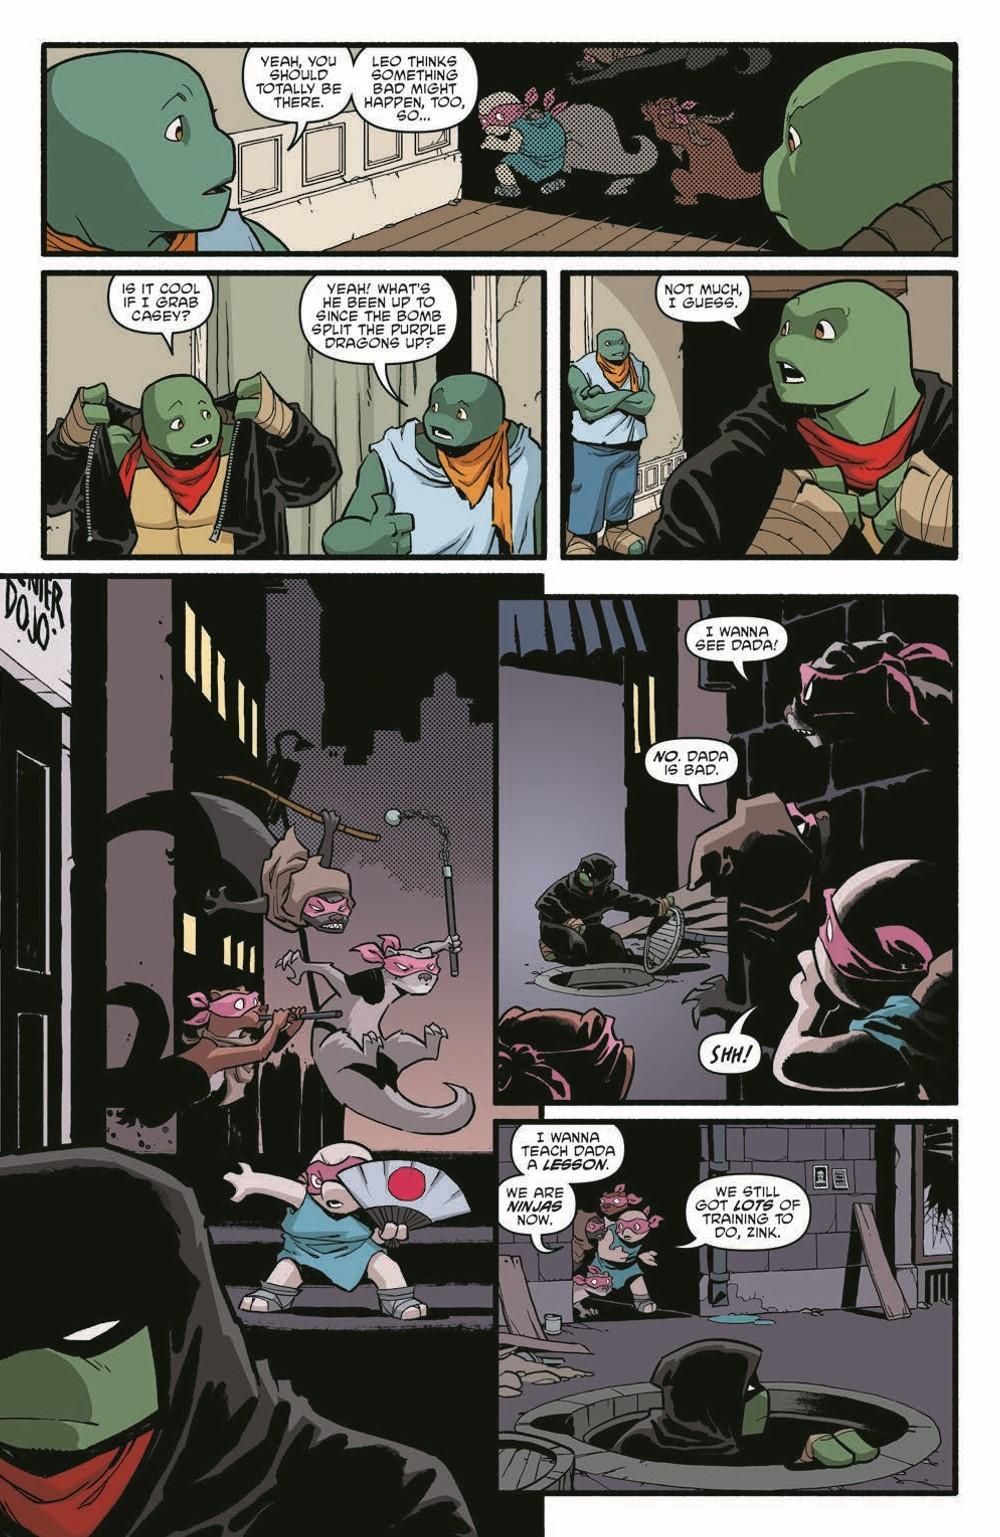 TMNT119_pr-4 ComicList Previews: TEENAGE MUTANT NINJA TURTLES #119